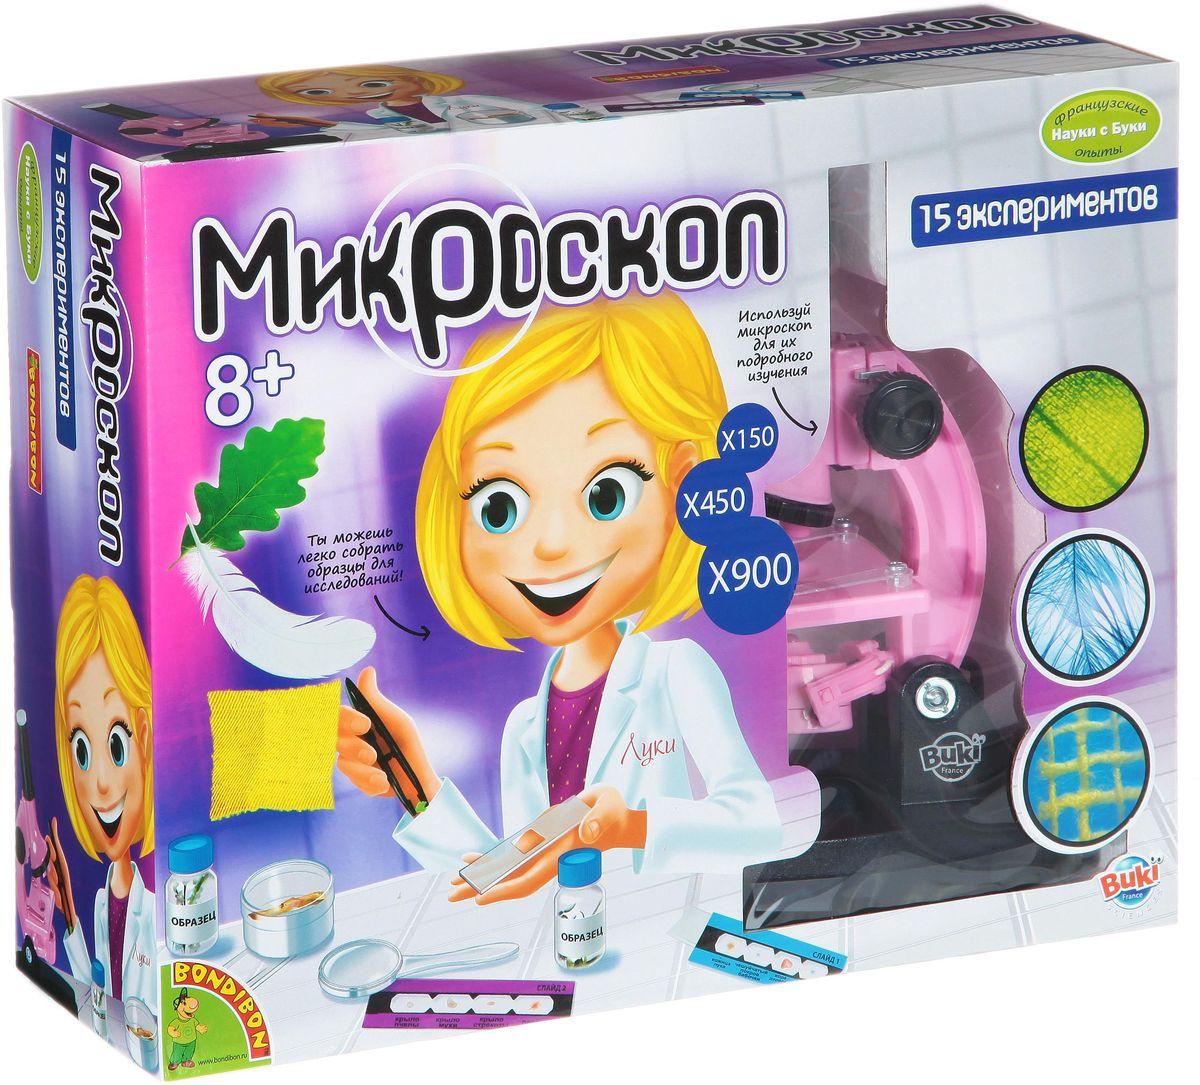 Bondibon Набор для опытов Микроскоп для девочекВВ1214Микромир – это целое открытие для юных исследователей, ведь они даже не подозревали, что в нем столько загадочного, интересного и увлекательного! С помощью научно-познавательного набора для опытов Микроскоп для девочек этот удивительный мир мельчайших, невидимых глазу частиц станет доступным. Самый настоящий микроскоп с набором предметов, необходимых для исследования, позволит ребенку проводить интереснейшие наблюдения за живыми клетками и самыми разными материалами. Для этих целей доступно целых 15 различных экспериментов. Оказывается, любая материя состоит из микроскопических частиц, молекул – совокупности связанных между собой атомов, а атомы, в свою очередь, также делятся на более мелкие элементы – ядро и электроны. Да и микроскопы, как выясняется, тоже бывают разные. Это ли не чудесные научные открытия для любознательного ребенка?